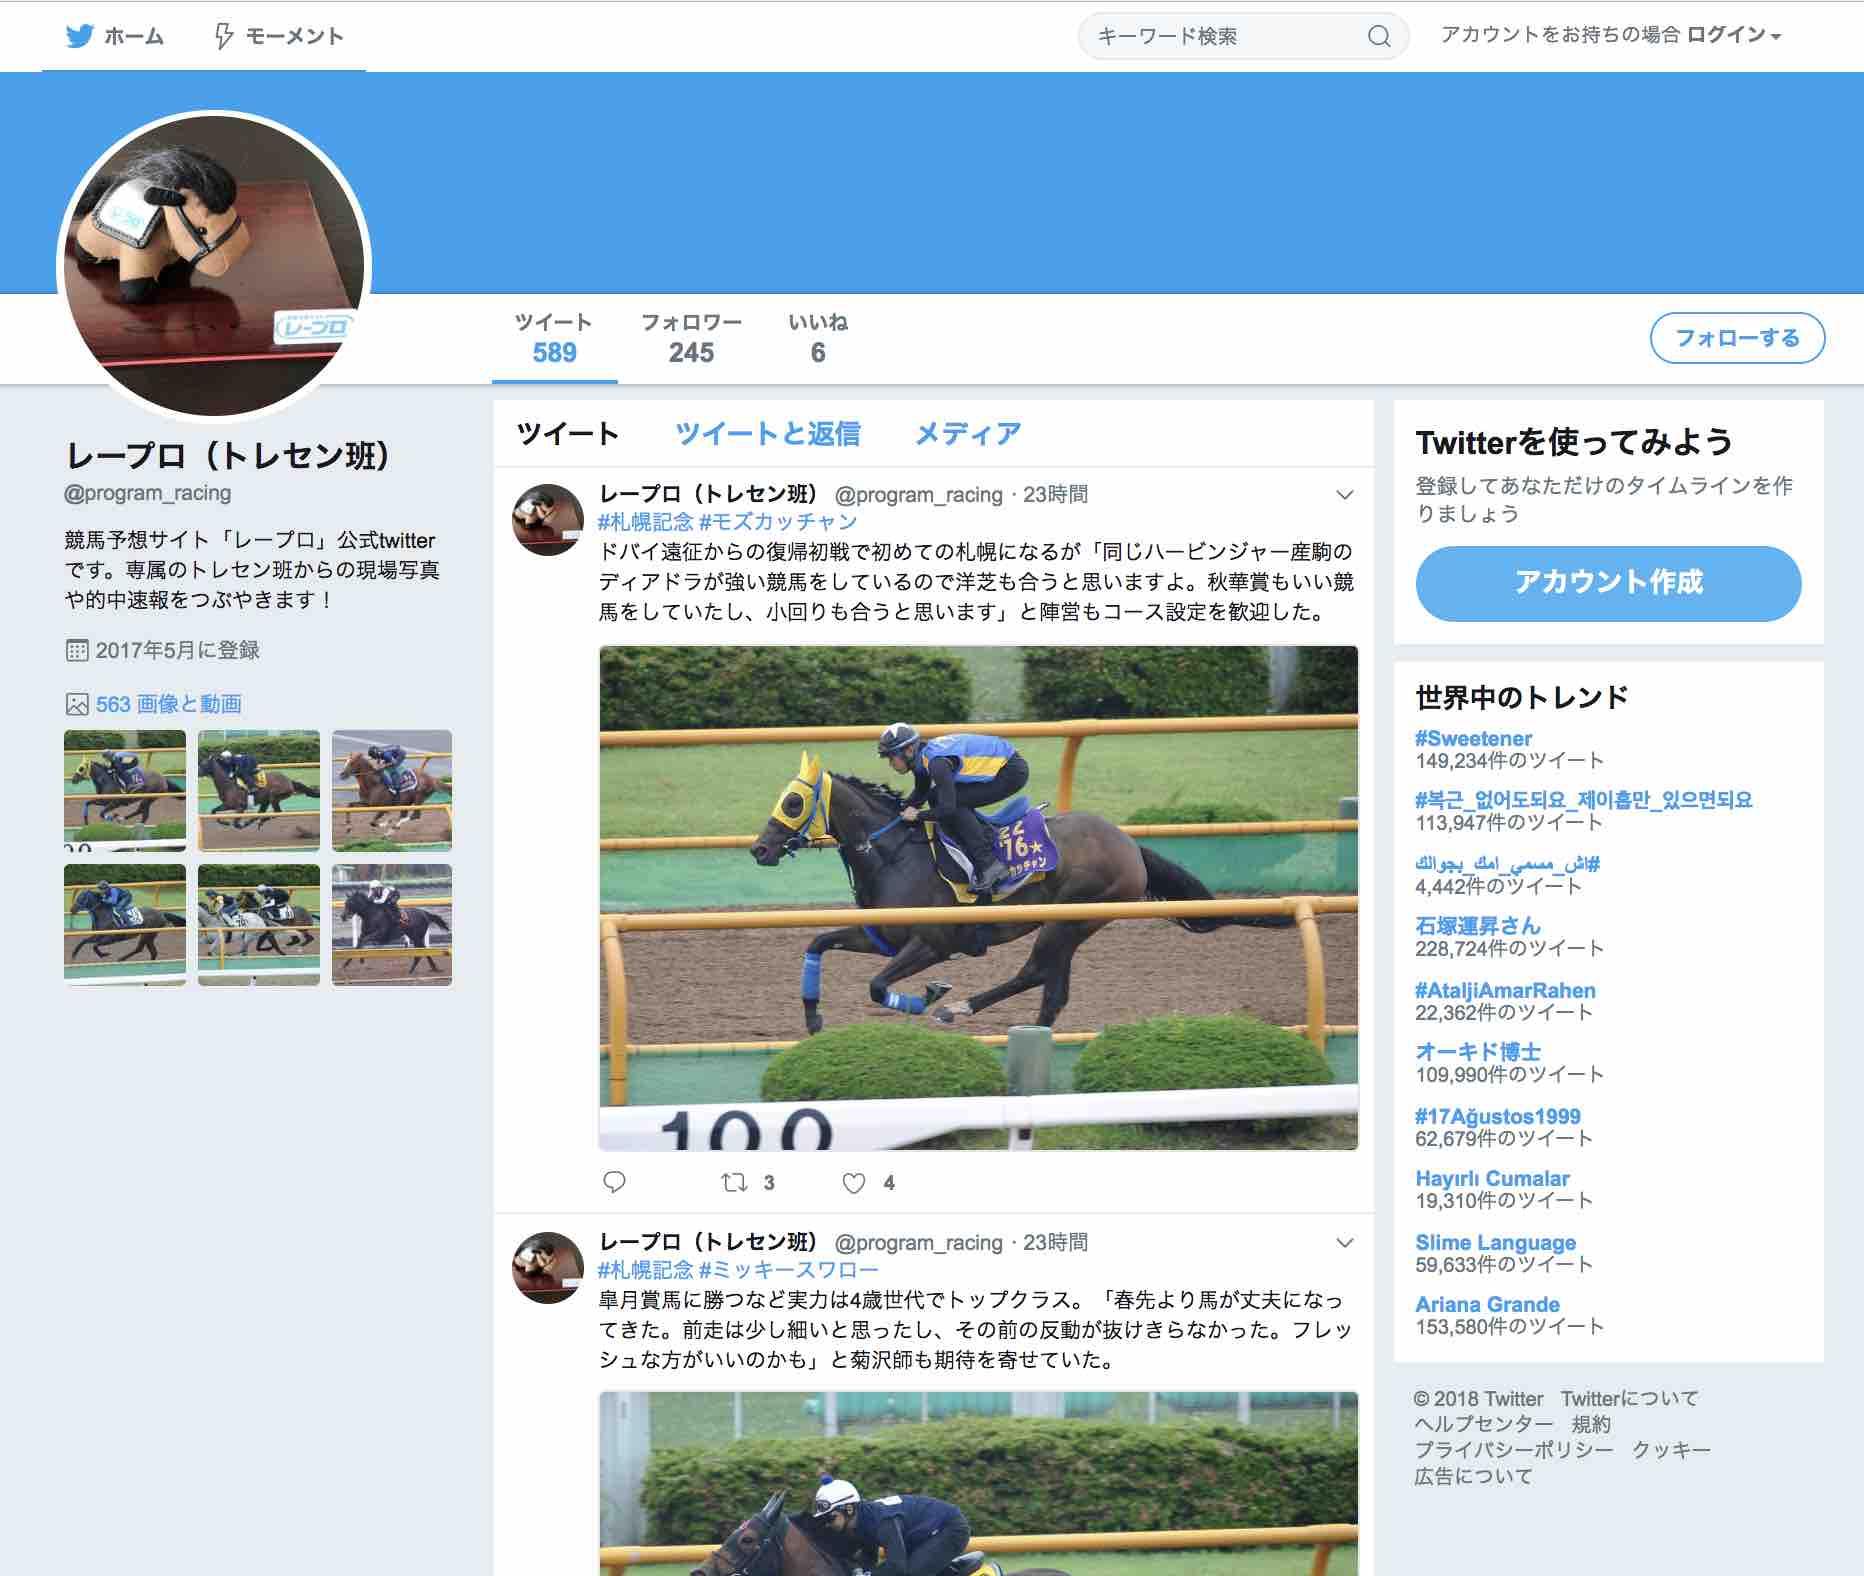 レープロという競馬予想サイトの公式ツイッター